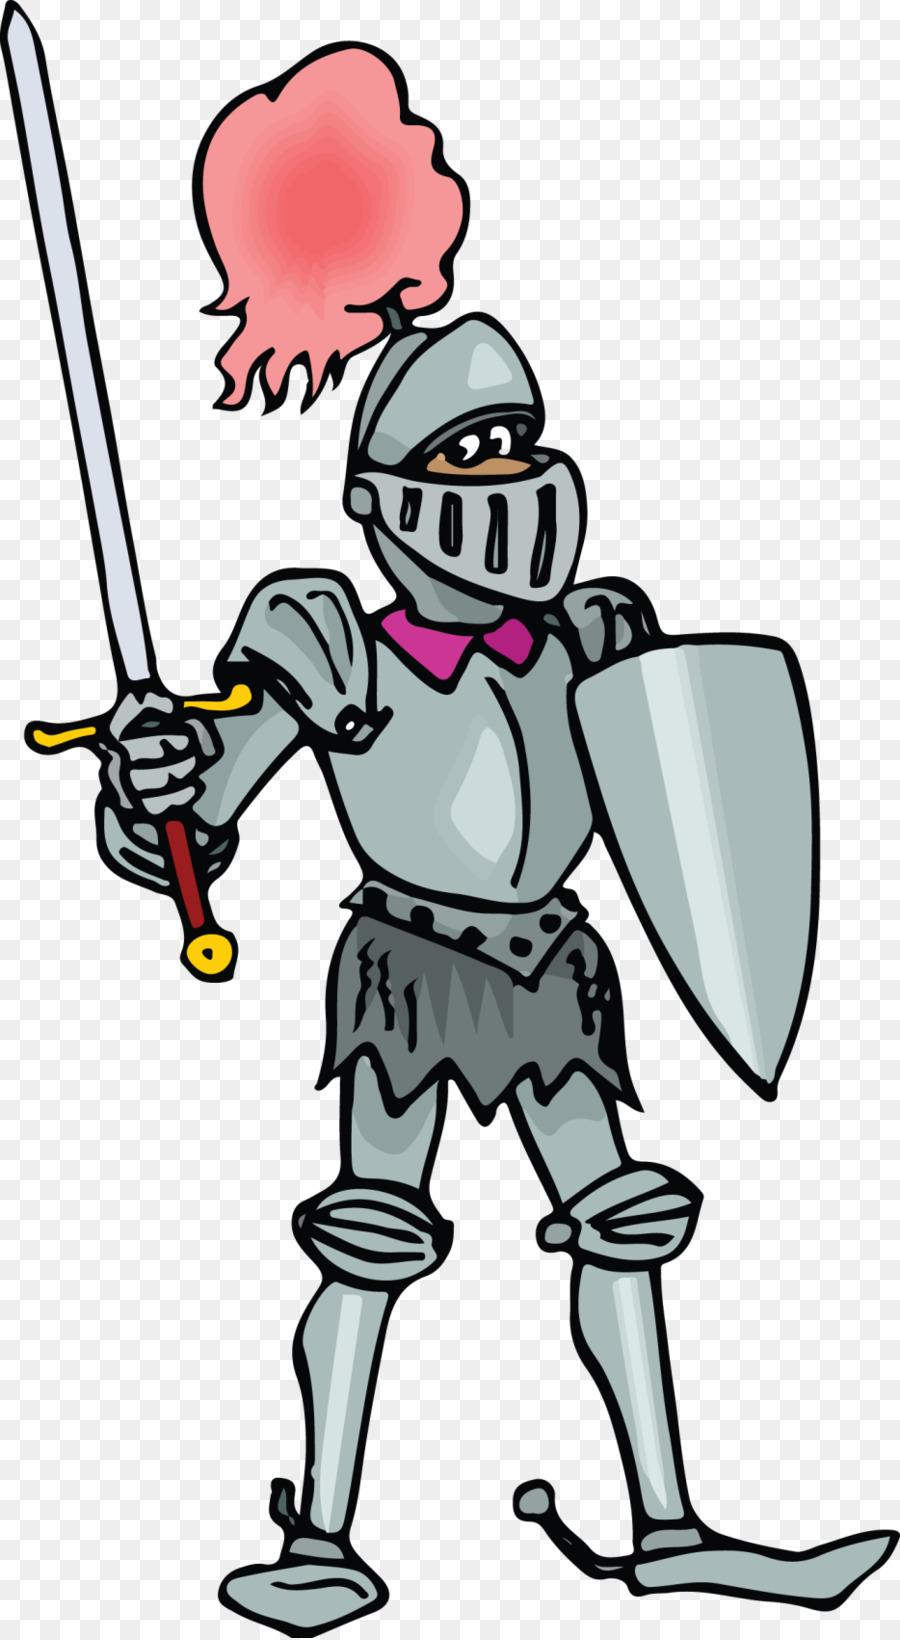 Ritter Mittelalter Clip Art Mittelalterliche Ritter Png